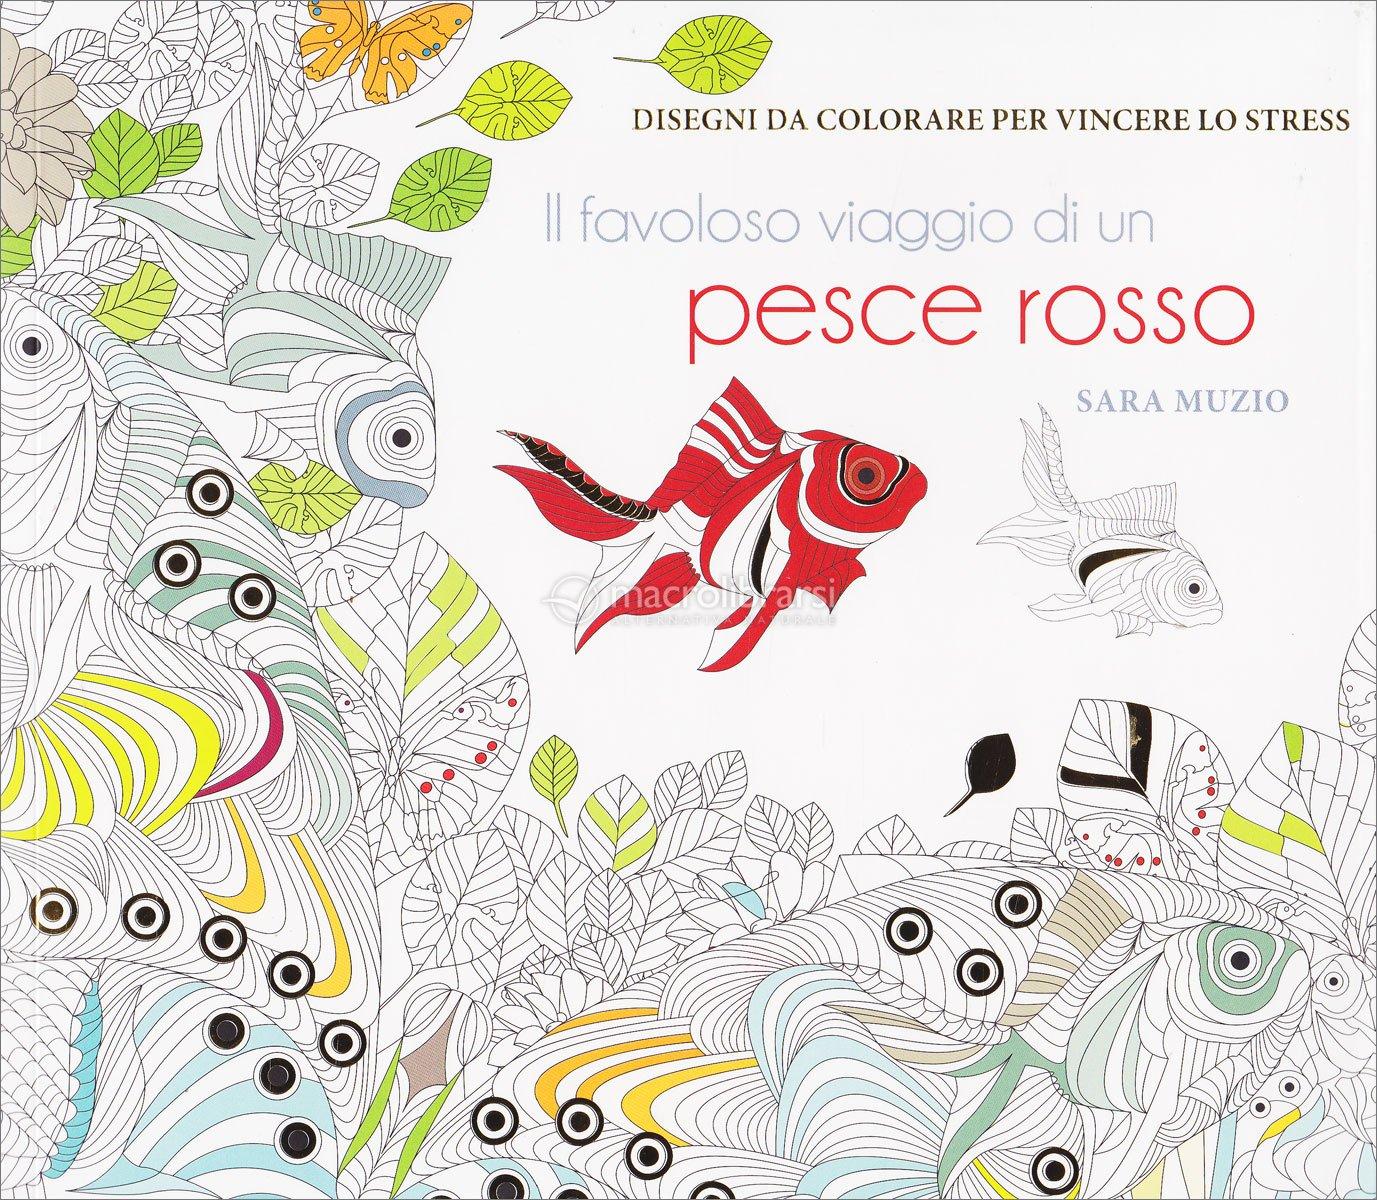 Il favoloso viaggio di un pesce rosso disegni da for Immagini da colorare di pesci